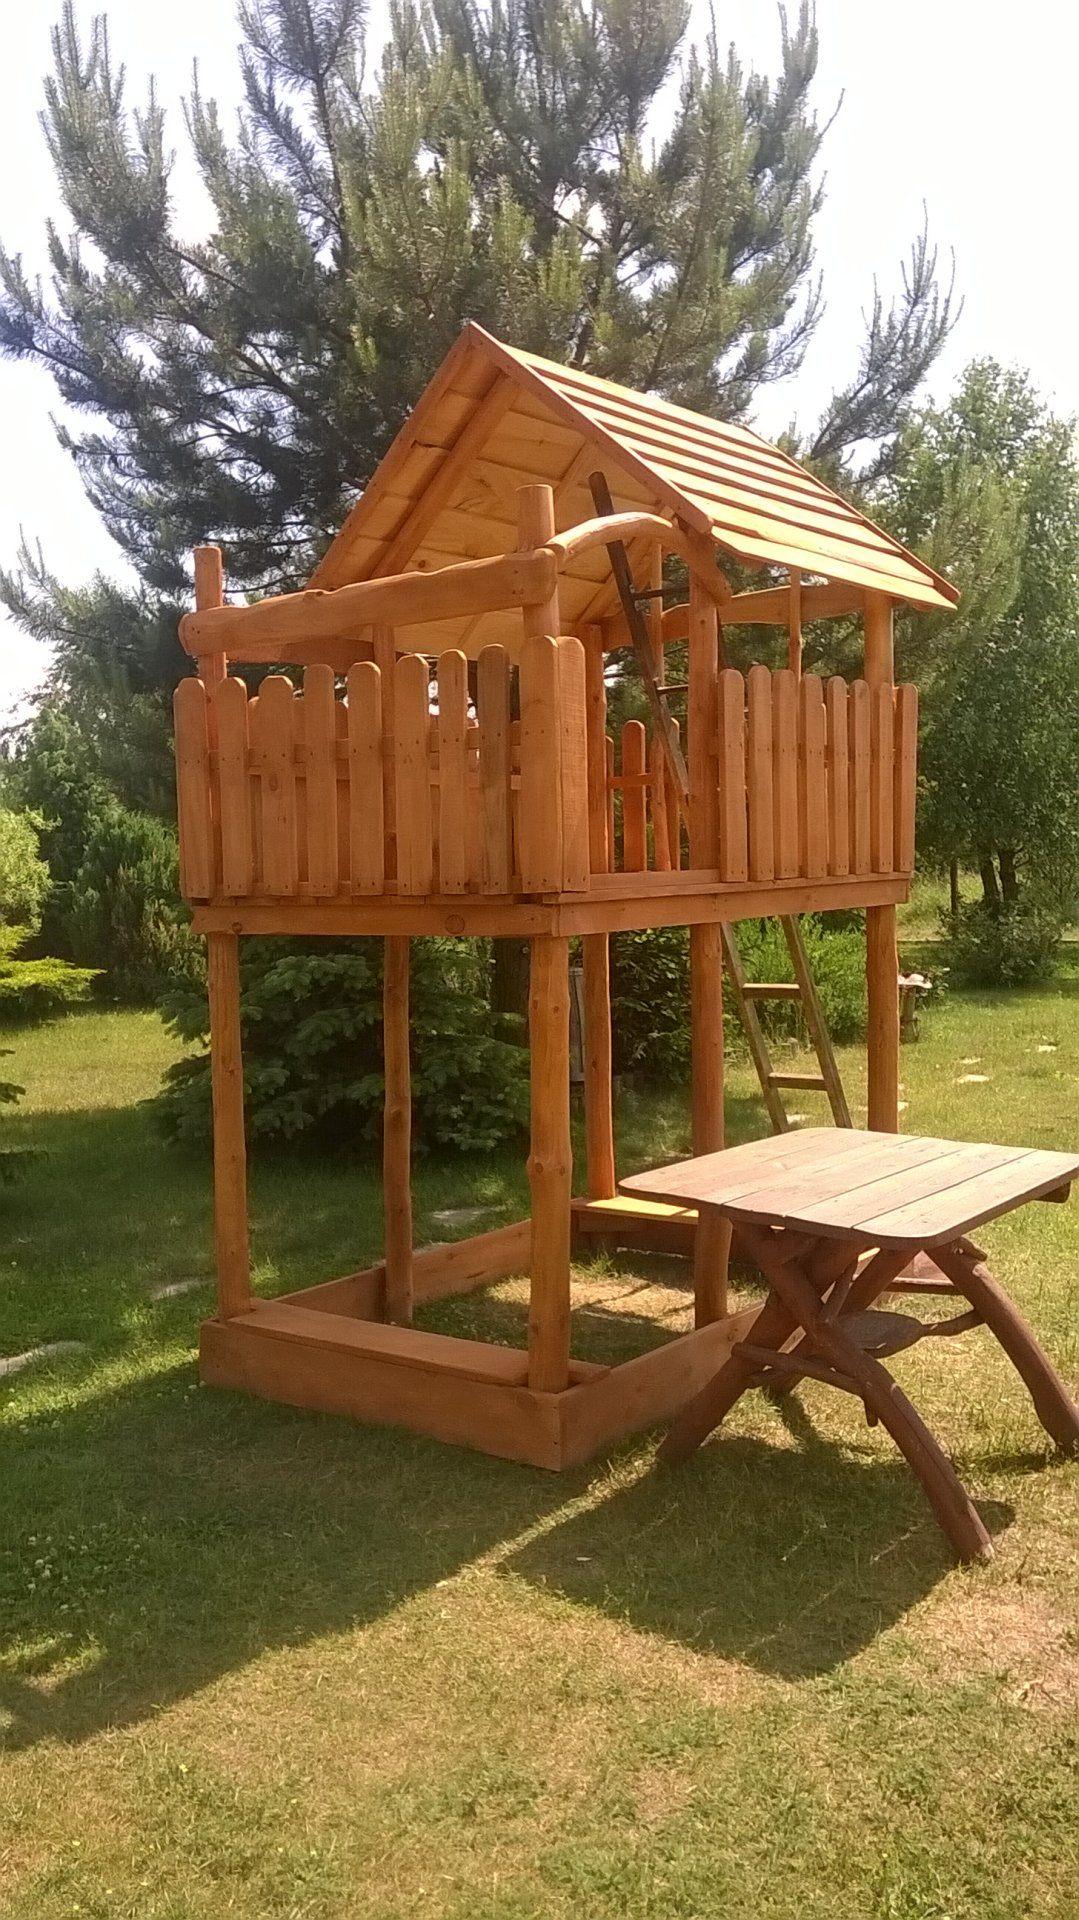 Meble Ogrodowe Drewniane Grodzisk Mazowiecki : Domki ogrodowe dla dzieci  Meble ogrodowe Przasnysz  Fabryka Drewna